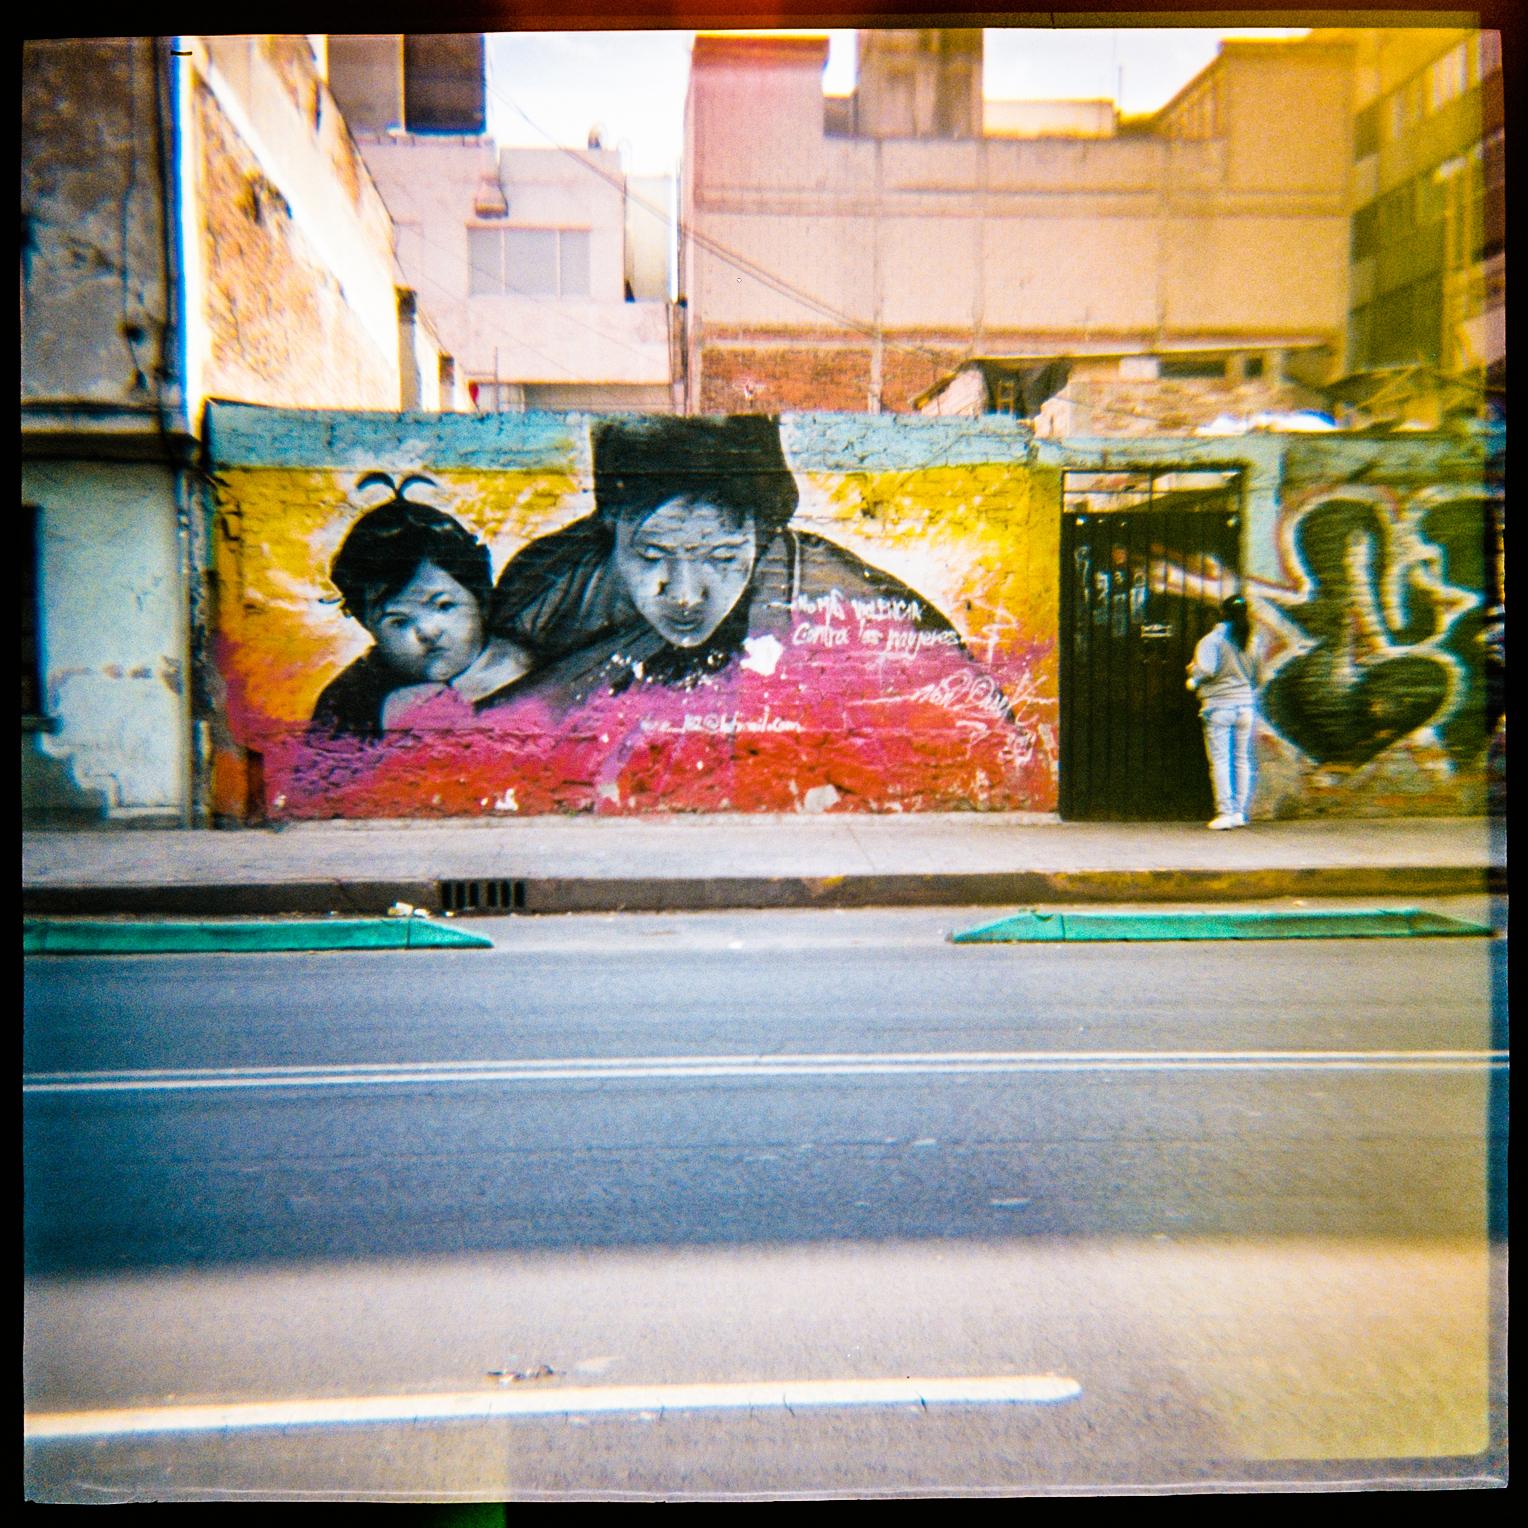 mural_dianaf_original_120mm.jpg